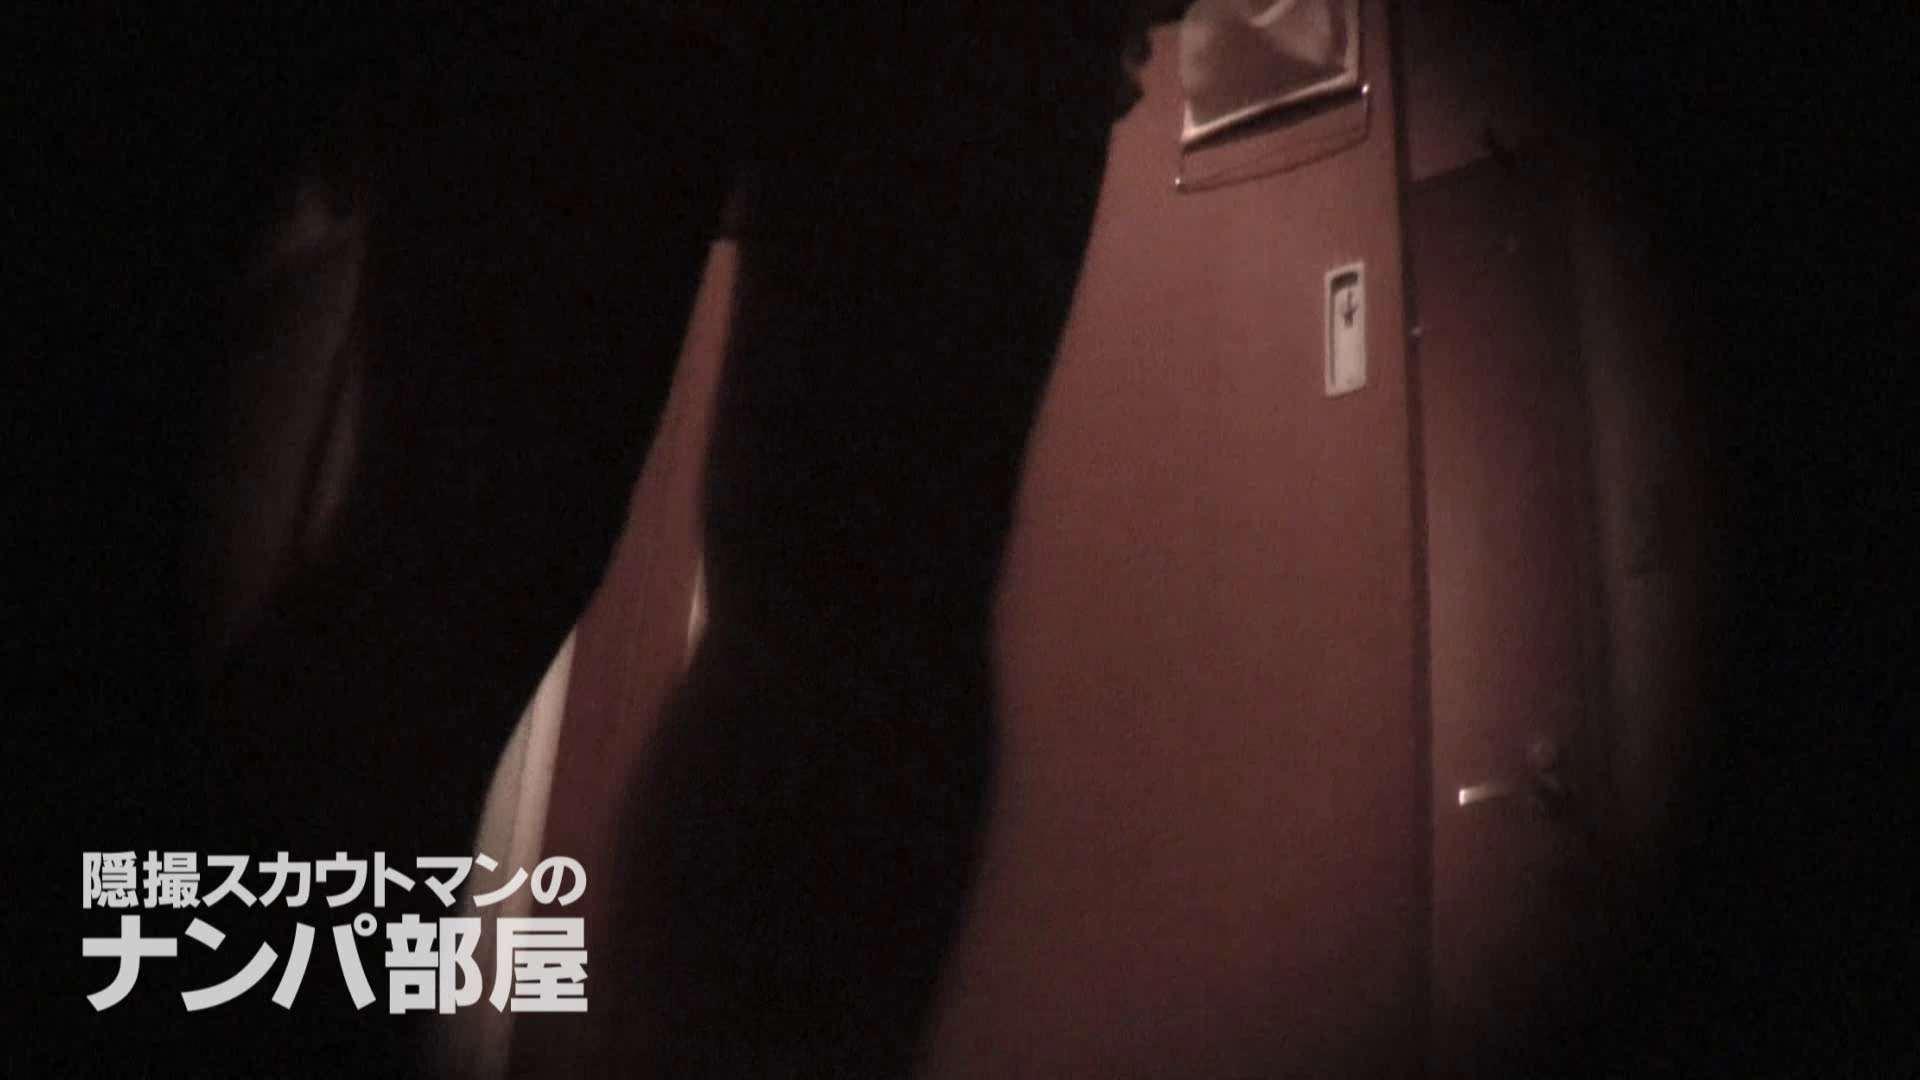 隠撮スカウトマンのナンパ部屋~風俗デビュー前のつまみ食い~ sii 隠撮 | 脱衣所  94pic 31